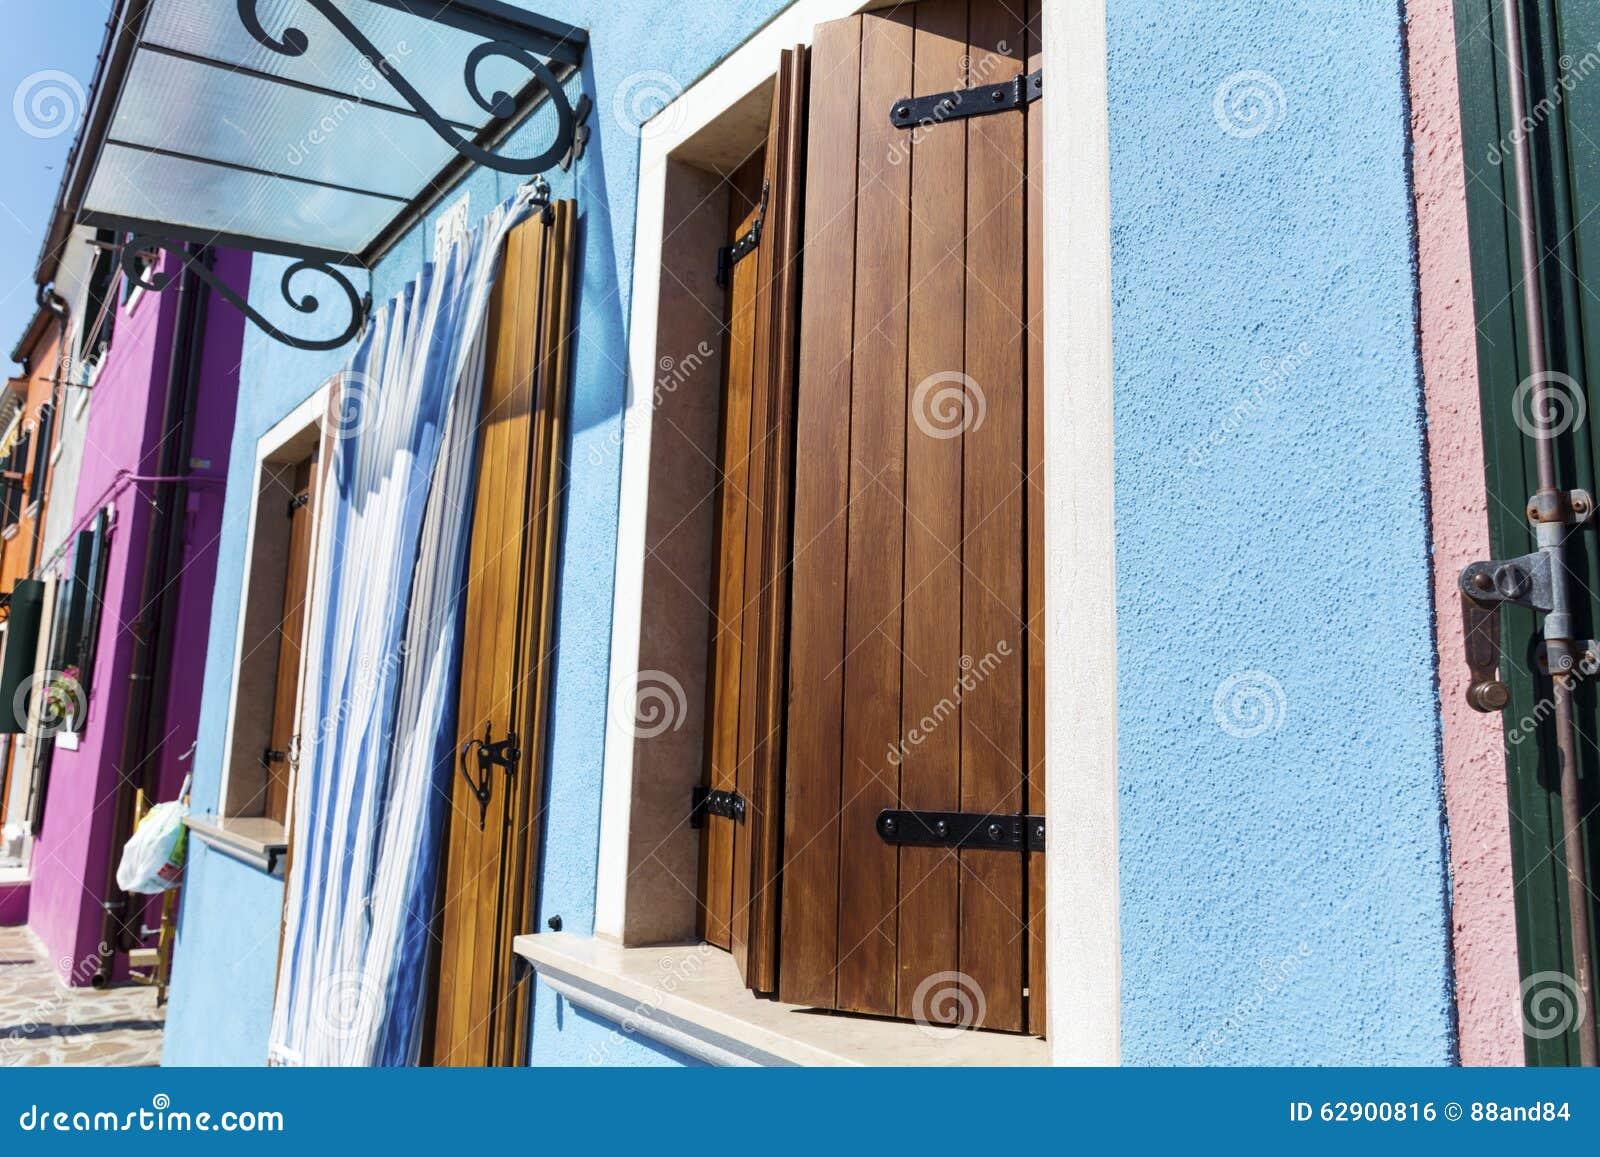 blauwe huisvoorgevel met houten deur blauwe gordijnen en houten blinden in burano eiland veneti itali